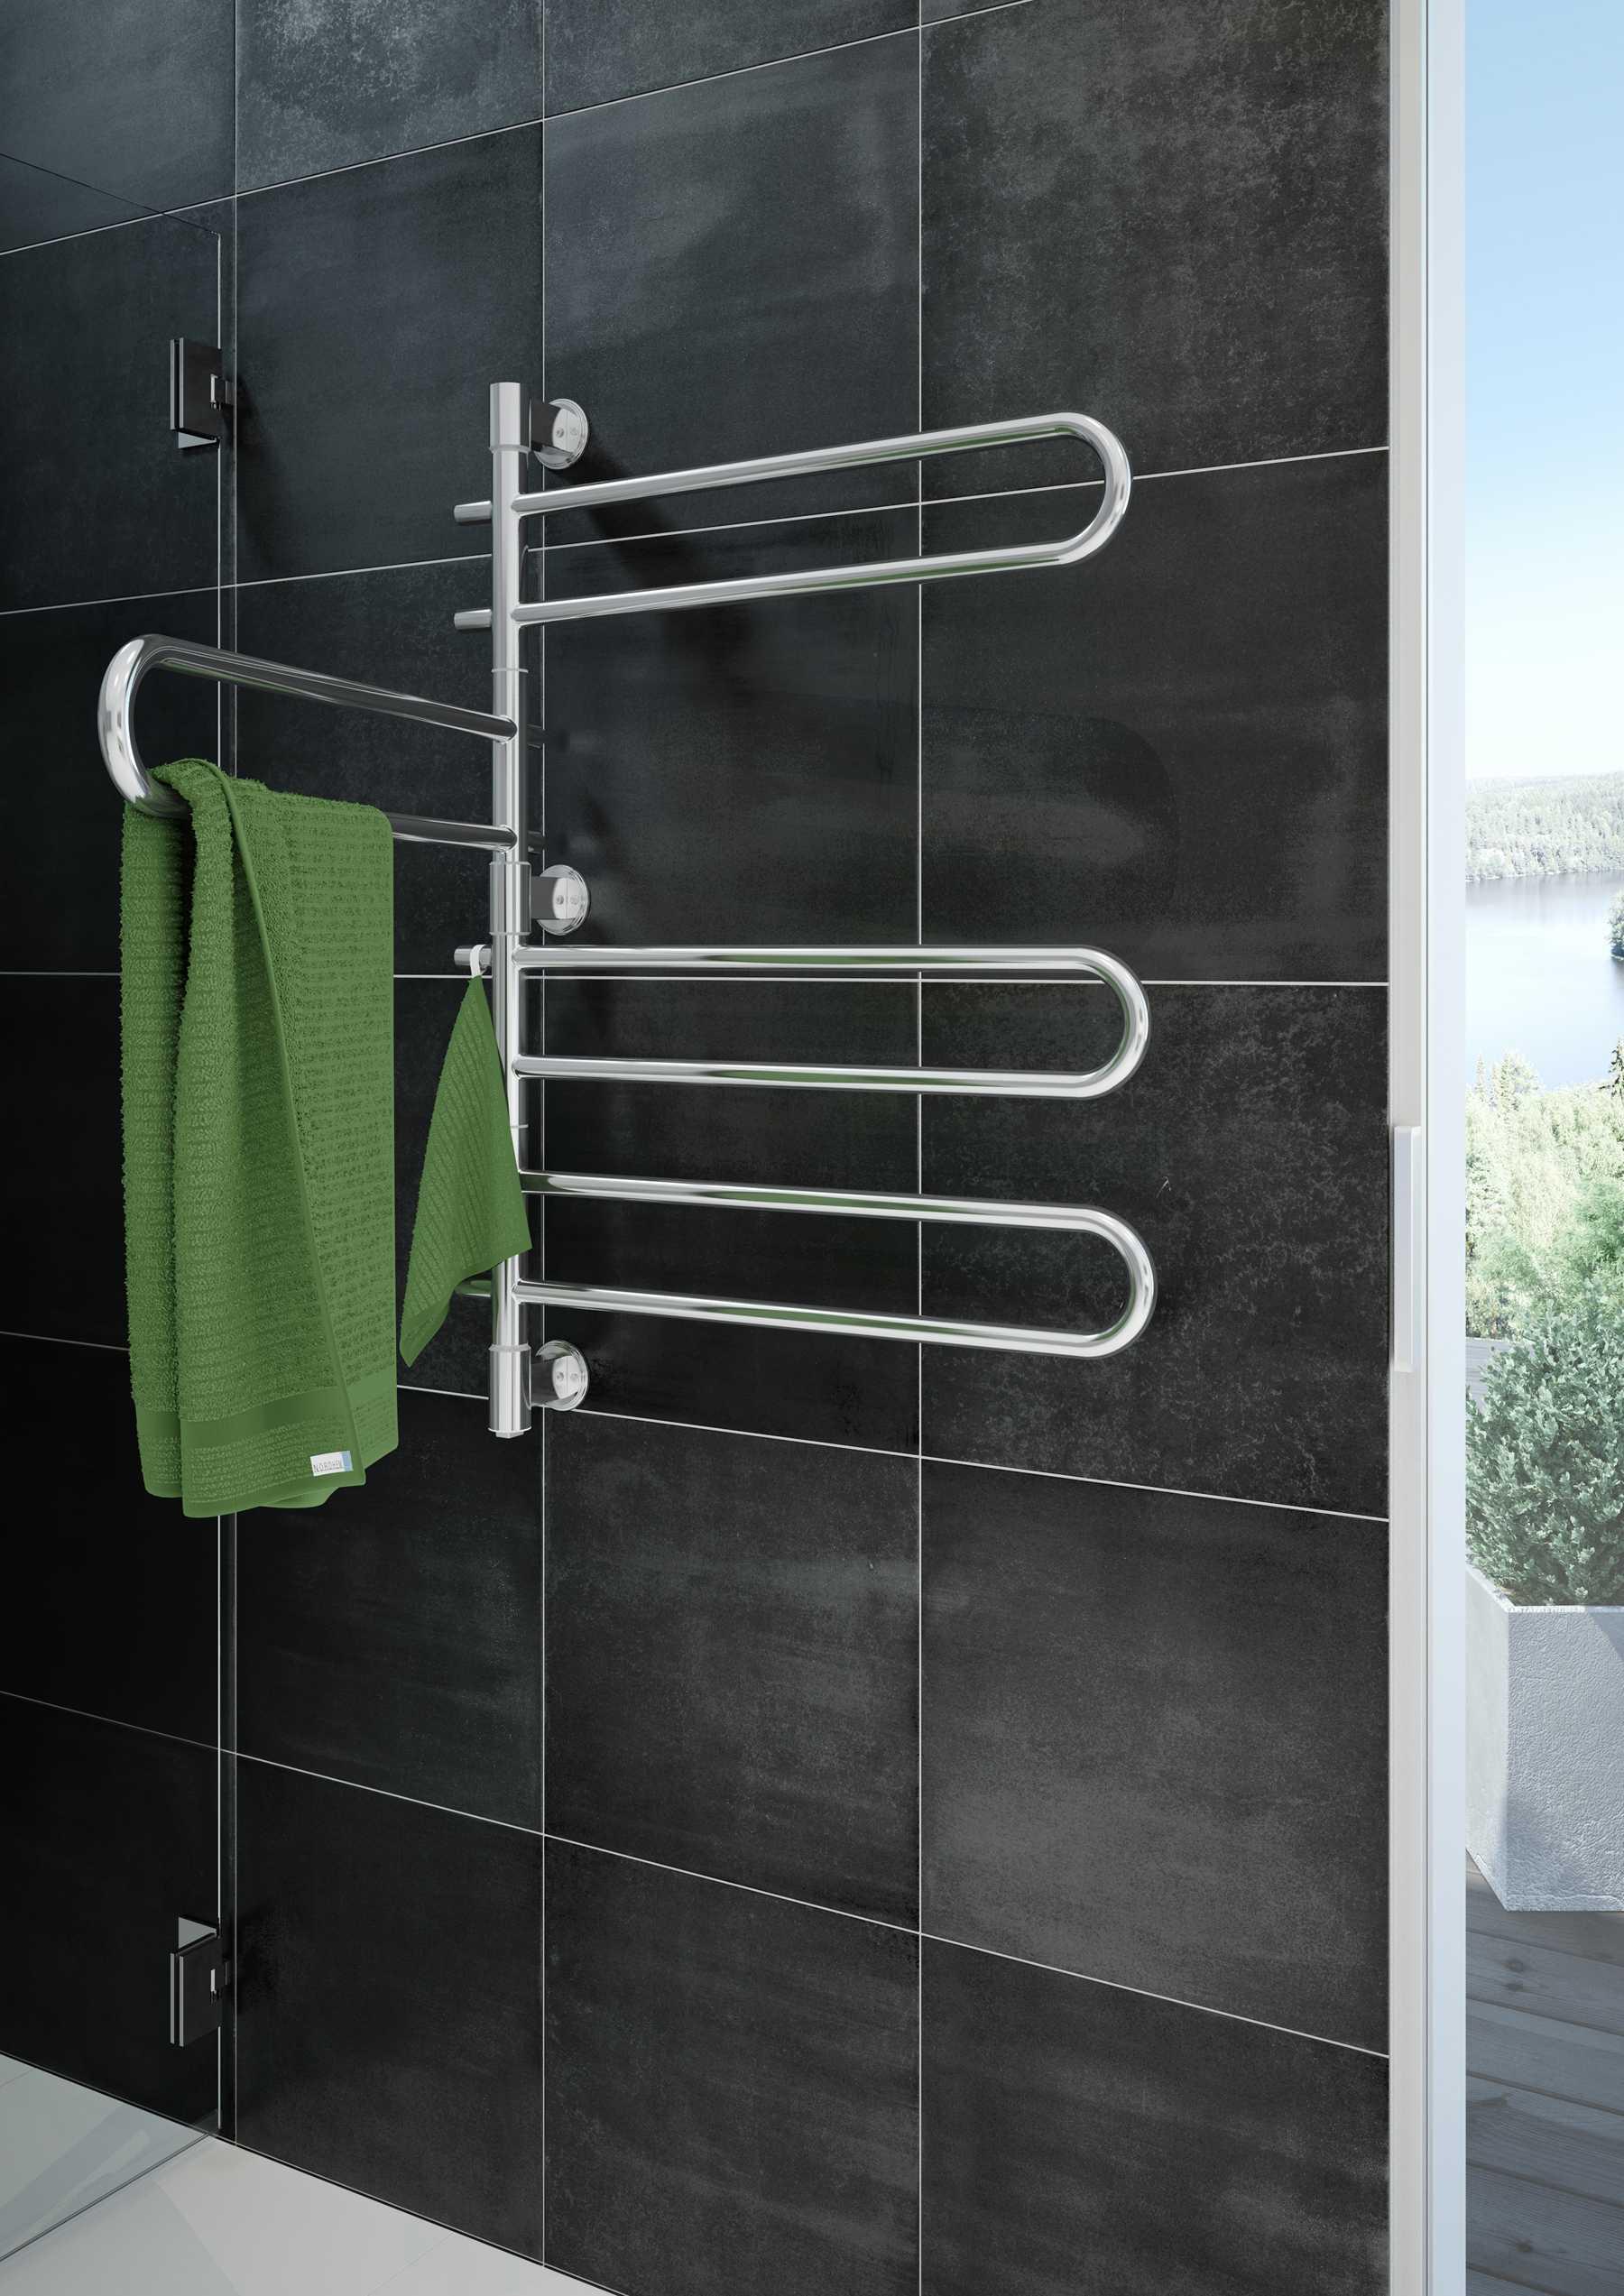 Какой полотенцесушитель лучше электрический или водяной   инженер подскажет как сделать